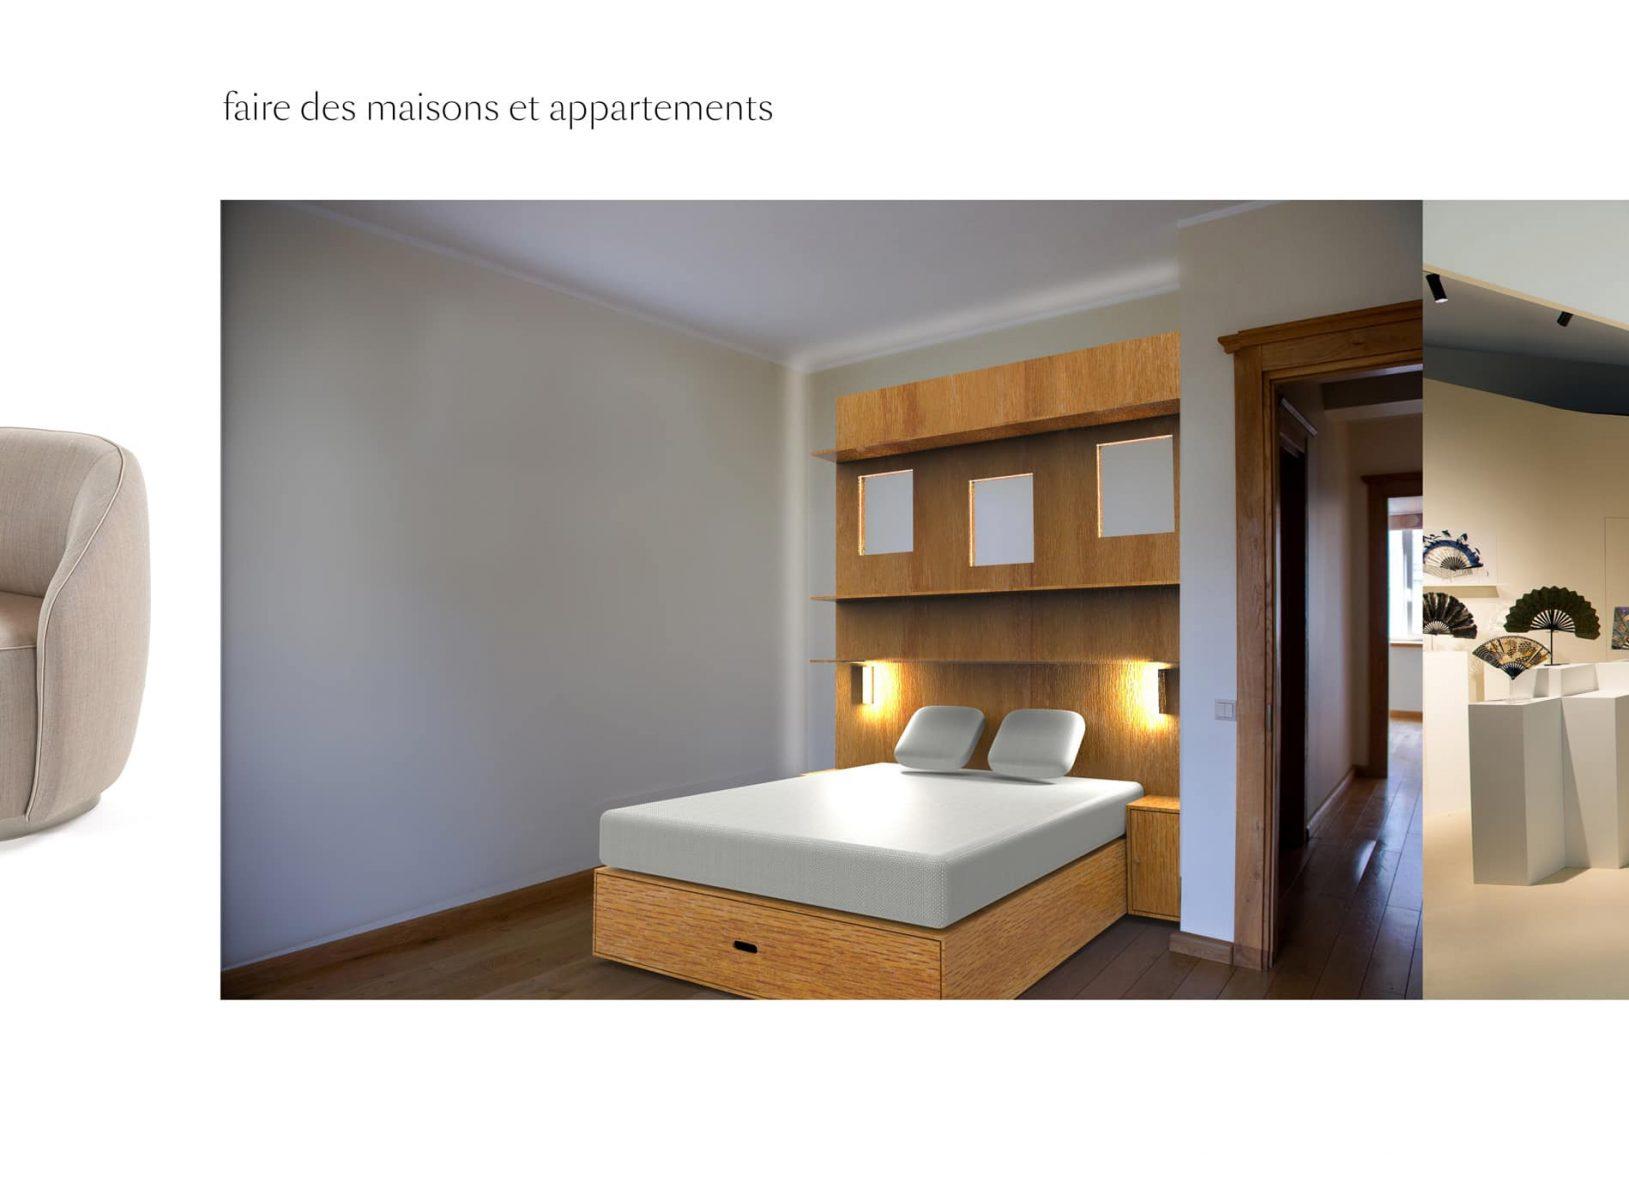 small-faire-des-maisons-et-appartements